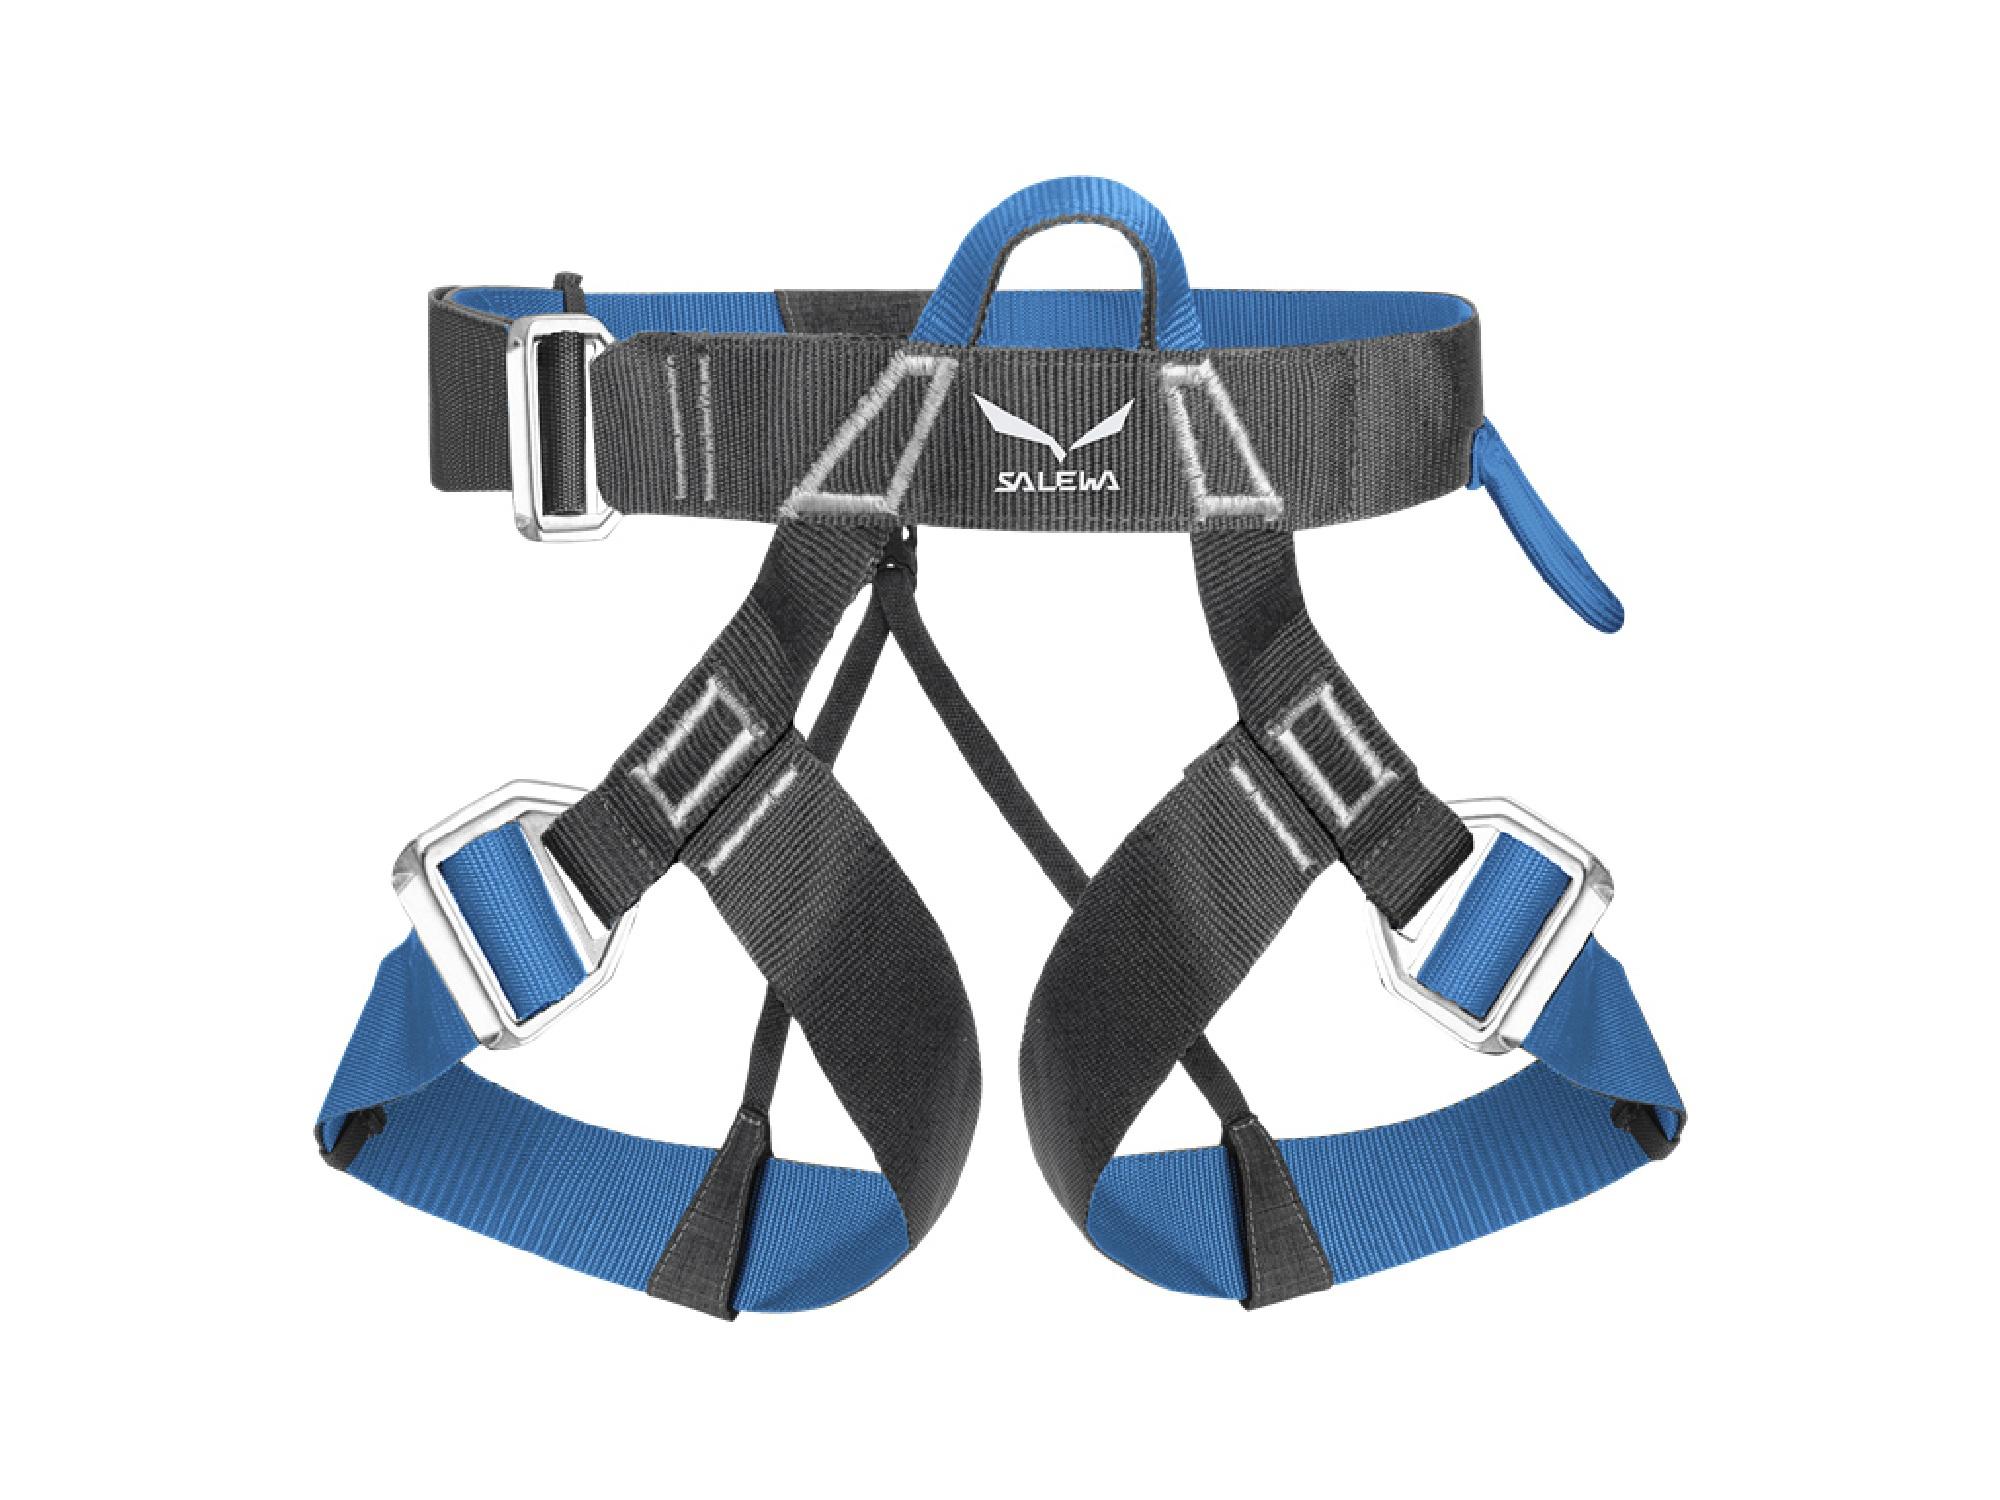 Klettersteigset Xxl Sport : Salewa klettersteiggurt via ferrata evo express